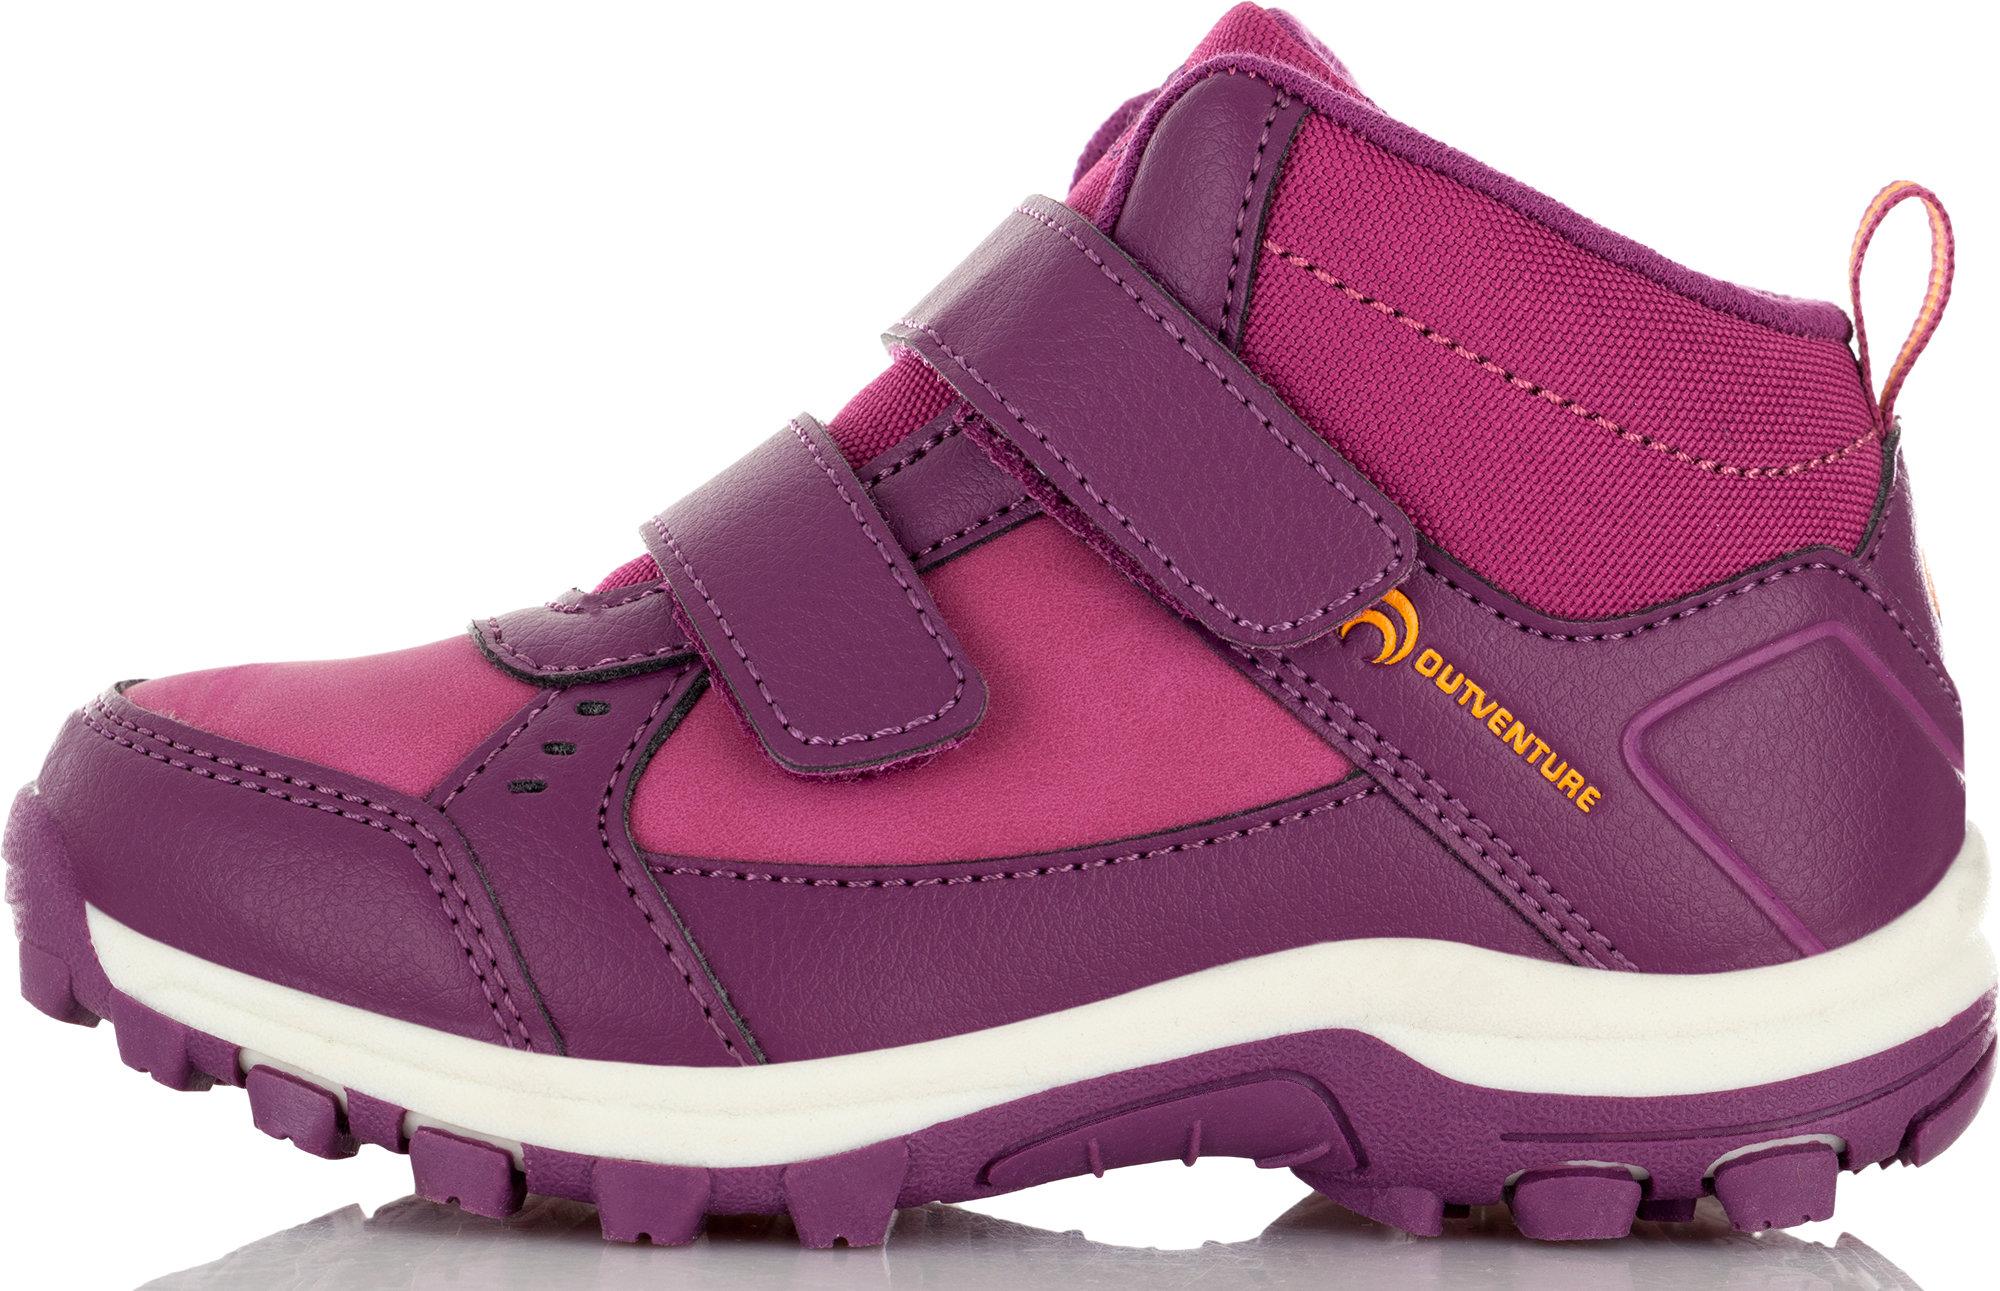 Ботинки для девочек Outventure Track Mid LK, размер 31